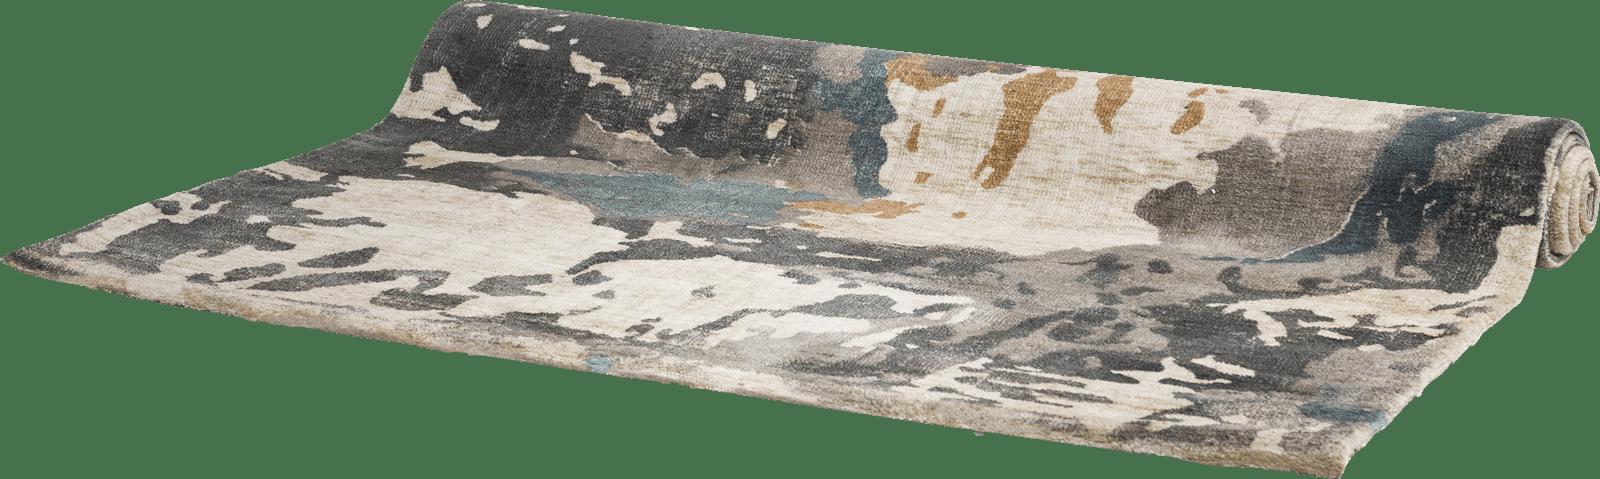 XOOON - Coco Maison - vitus karpet 190x290cm